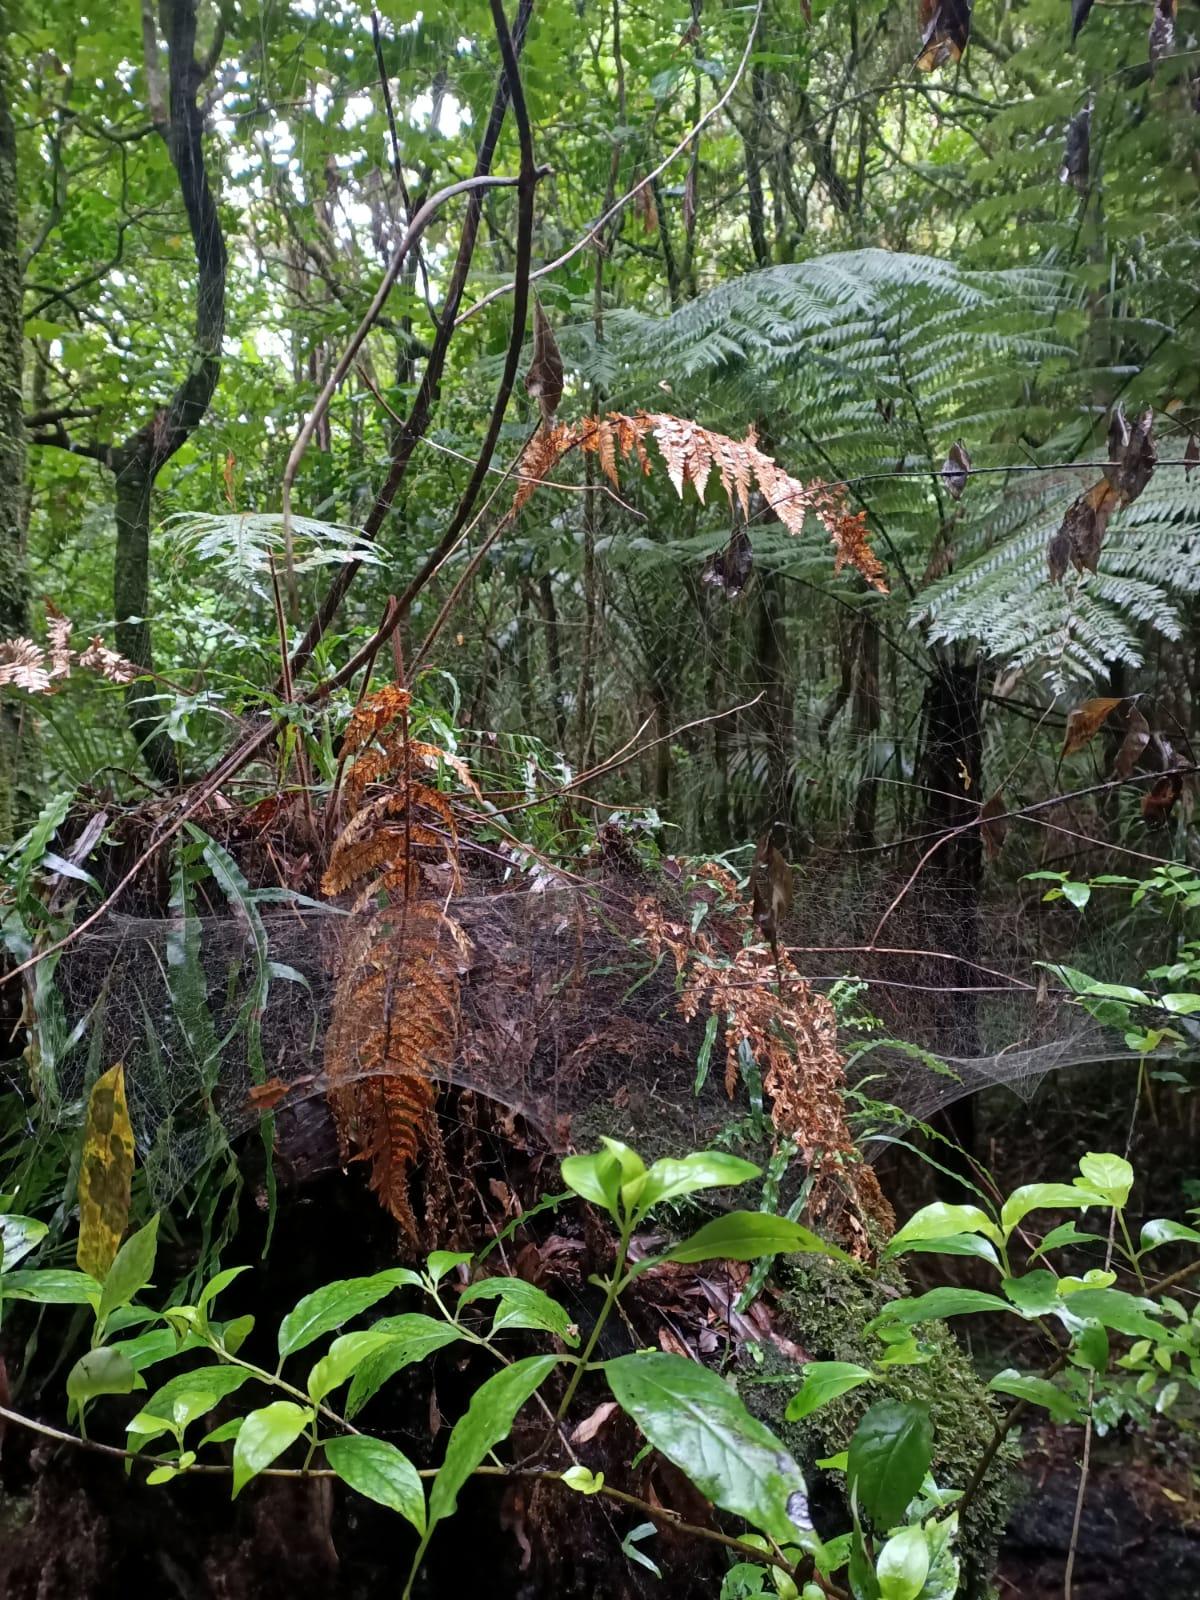 A bit of hiking on Mount Pirongia, Waikato-whatsapp-image-2020-06-05-12-a